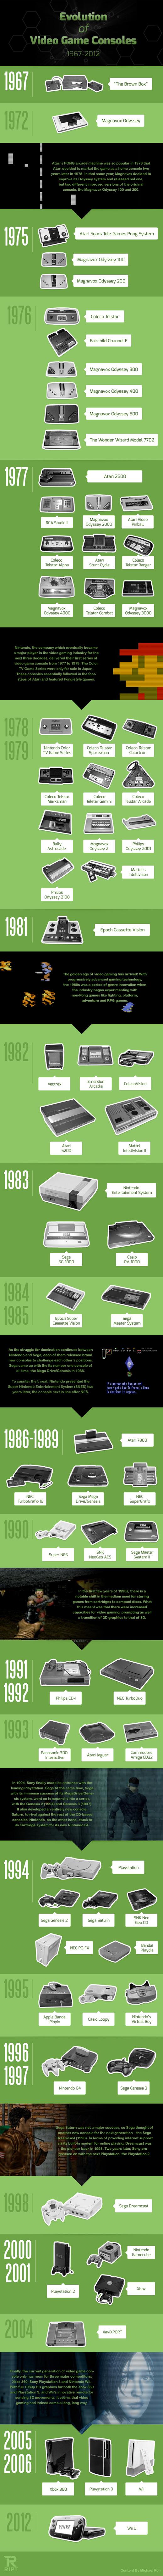 Linfographie ultime sur lévolution des consoles de jeux vidéo de 1967 à 2012